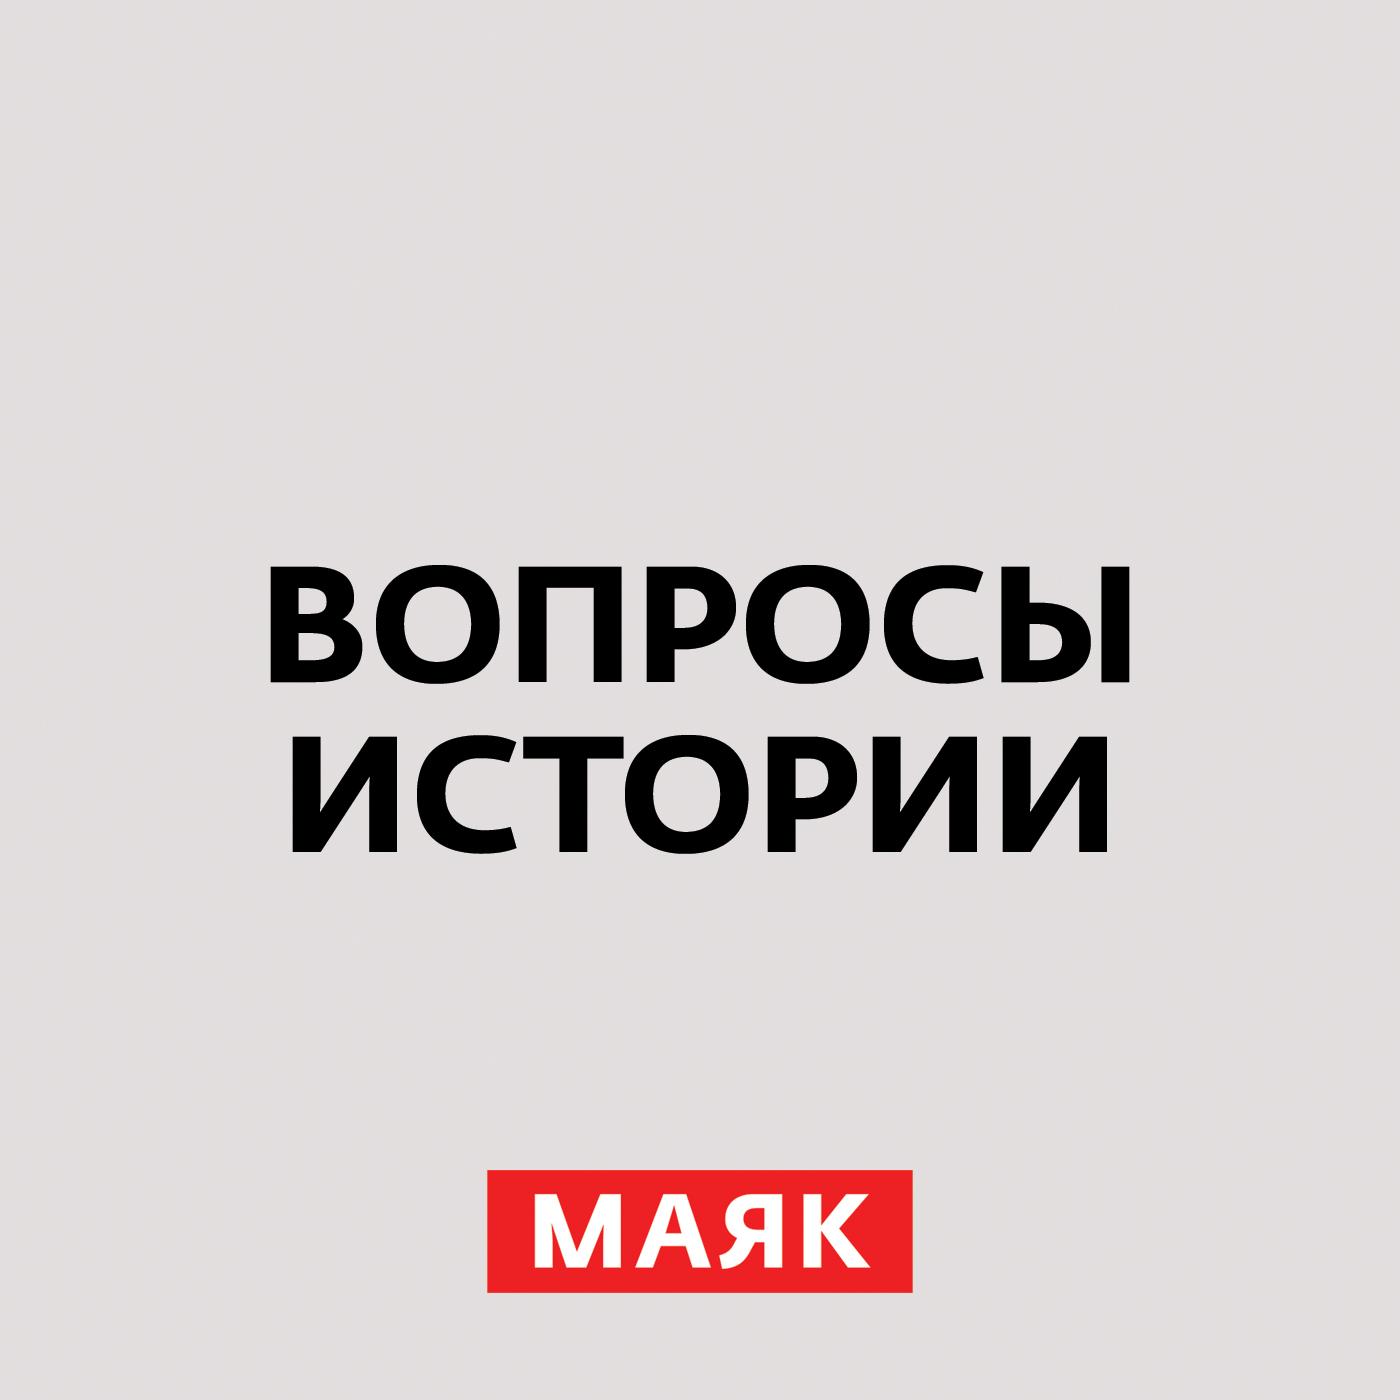 Андрей Светенко Россия стала страной возможностей для азартной Екатерины II чайник zeidan 4l z 4150